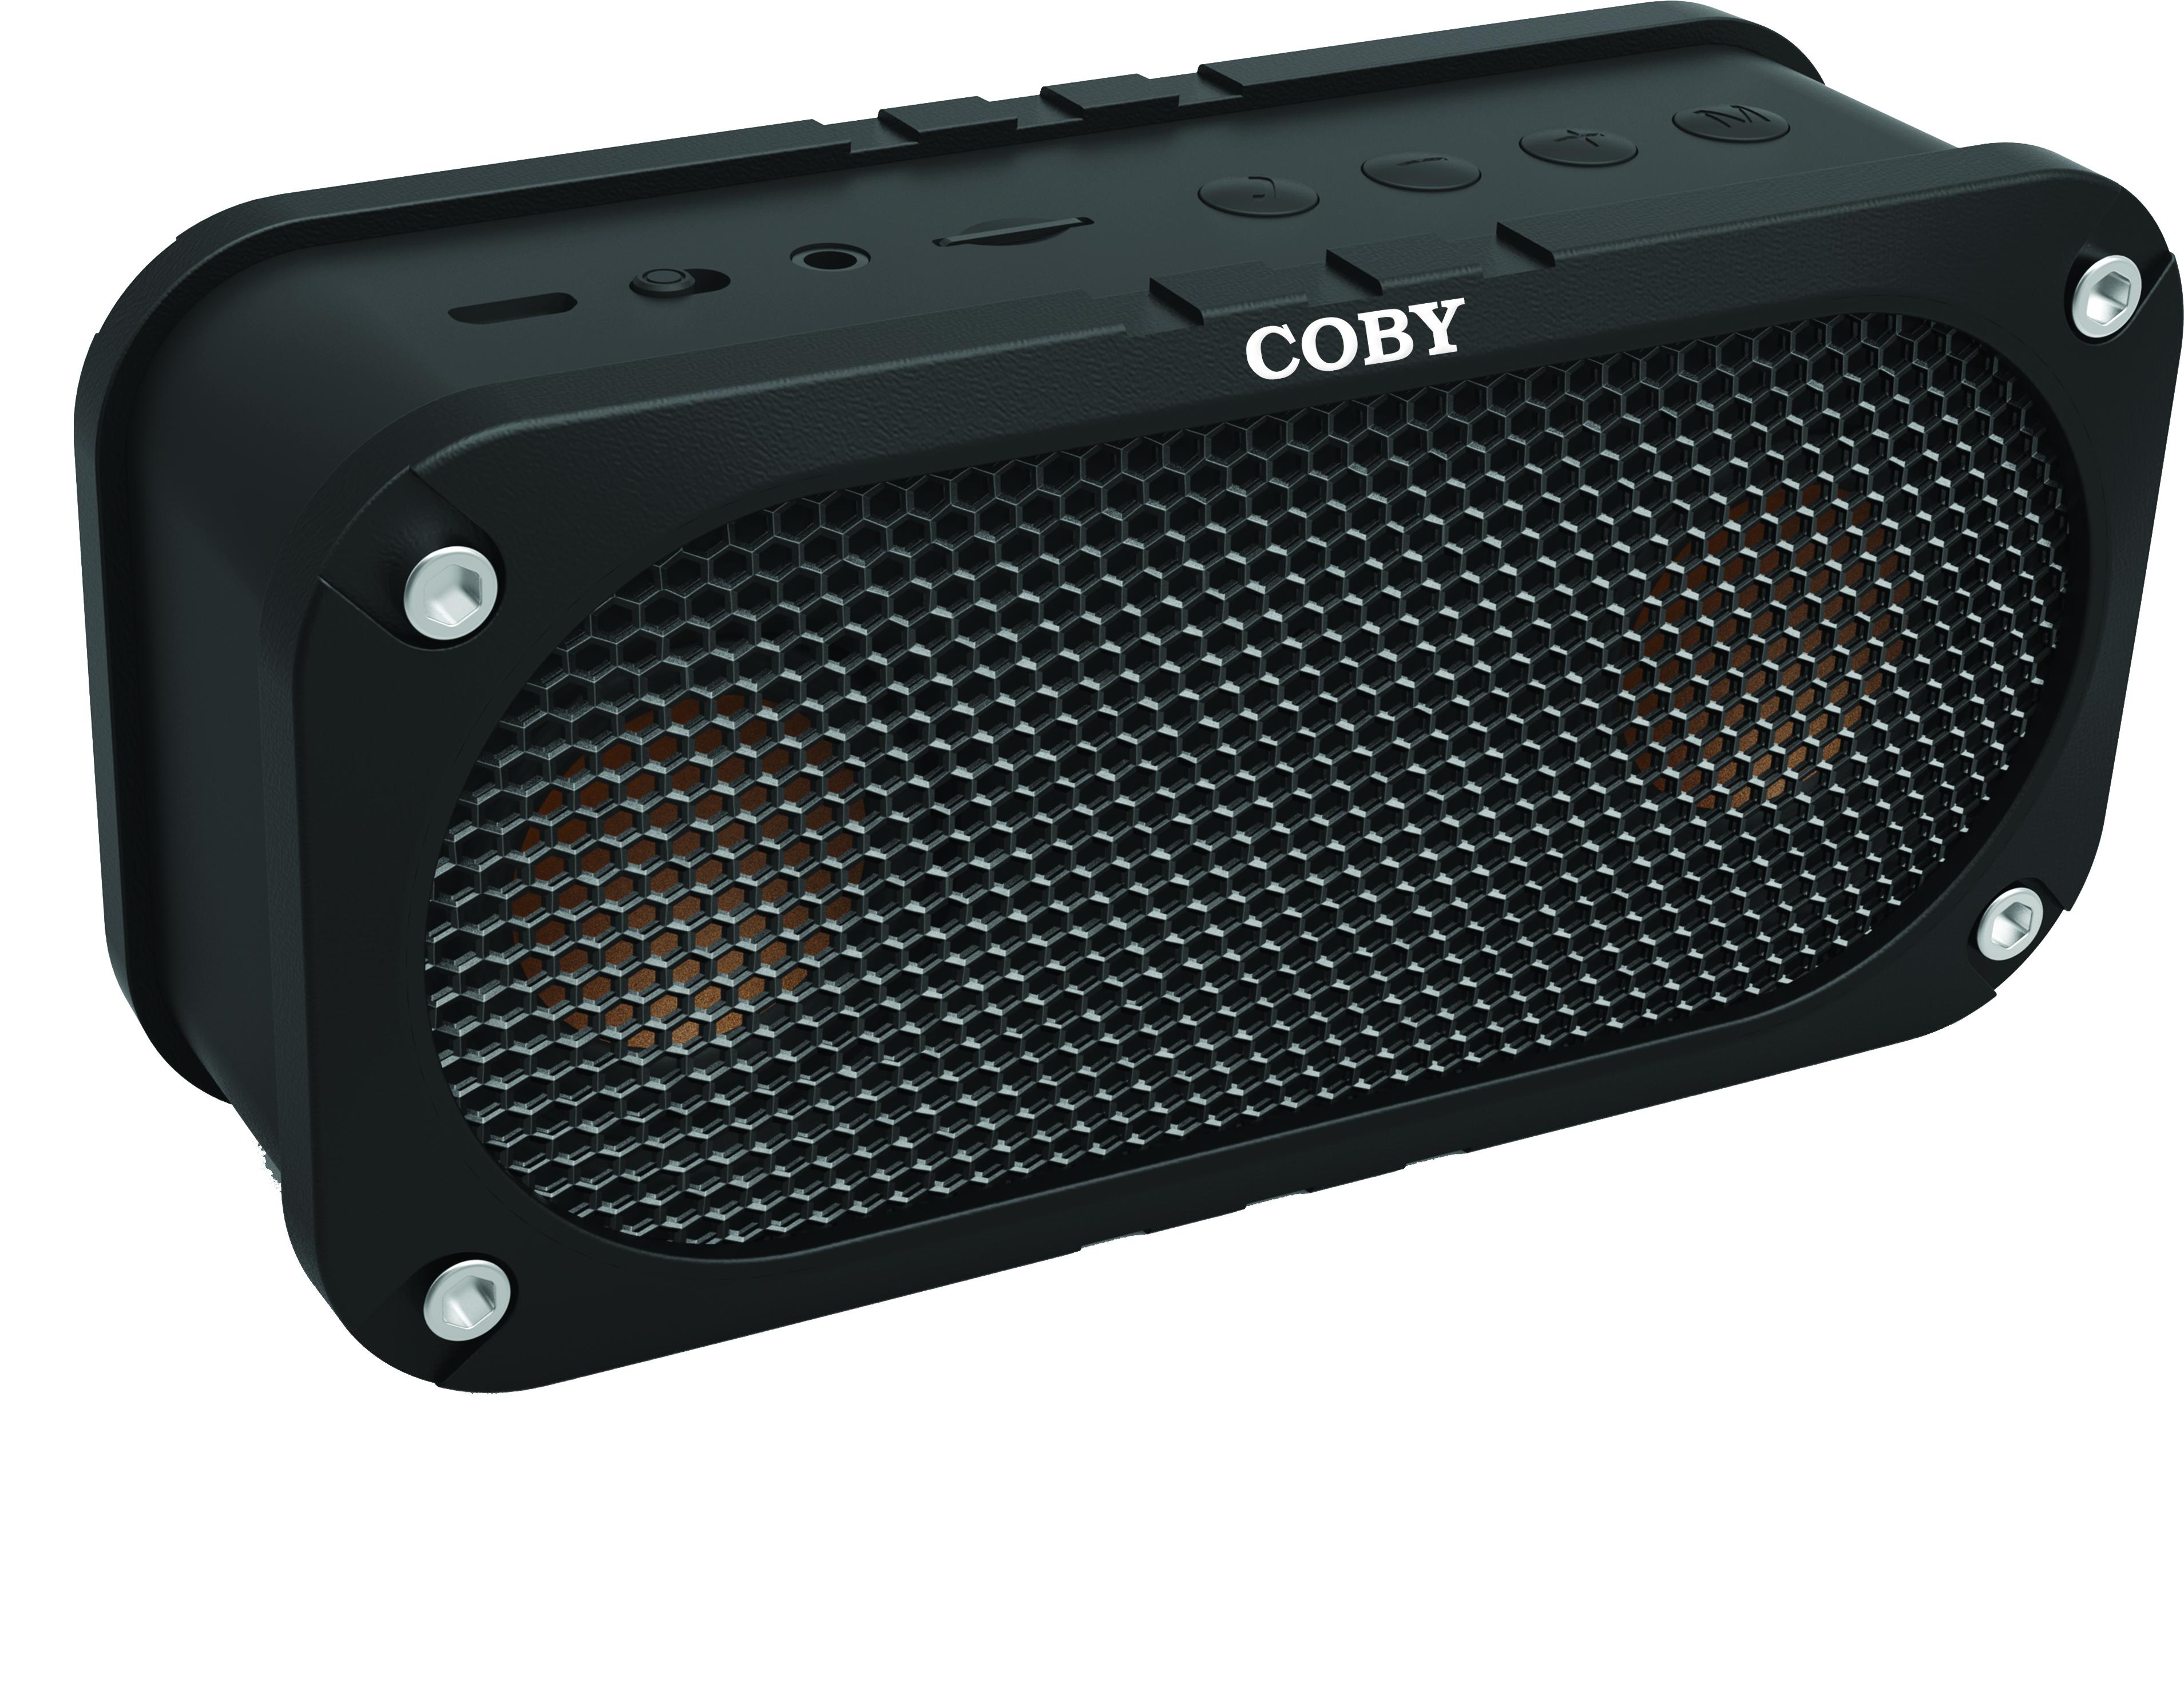 Coby - CSBT-302-BLK-Buttons